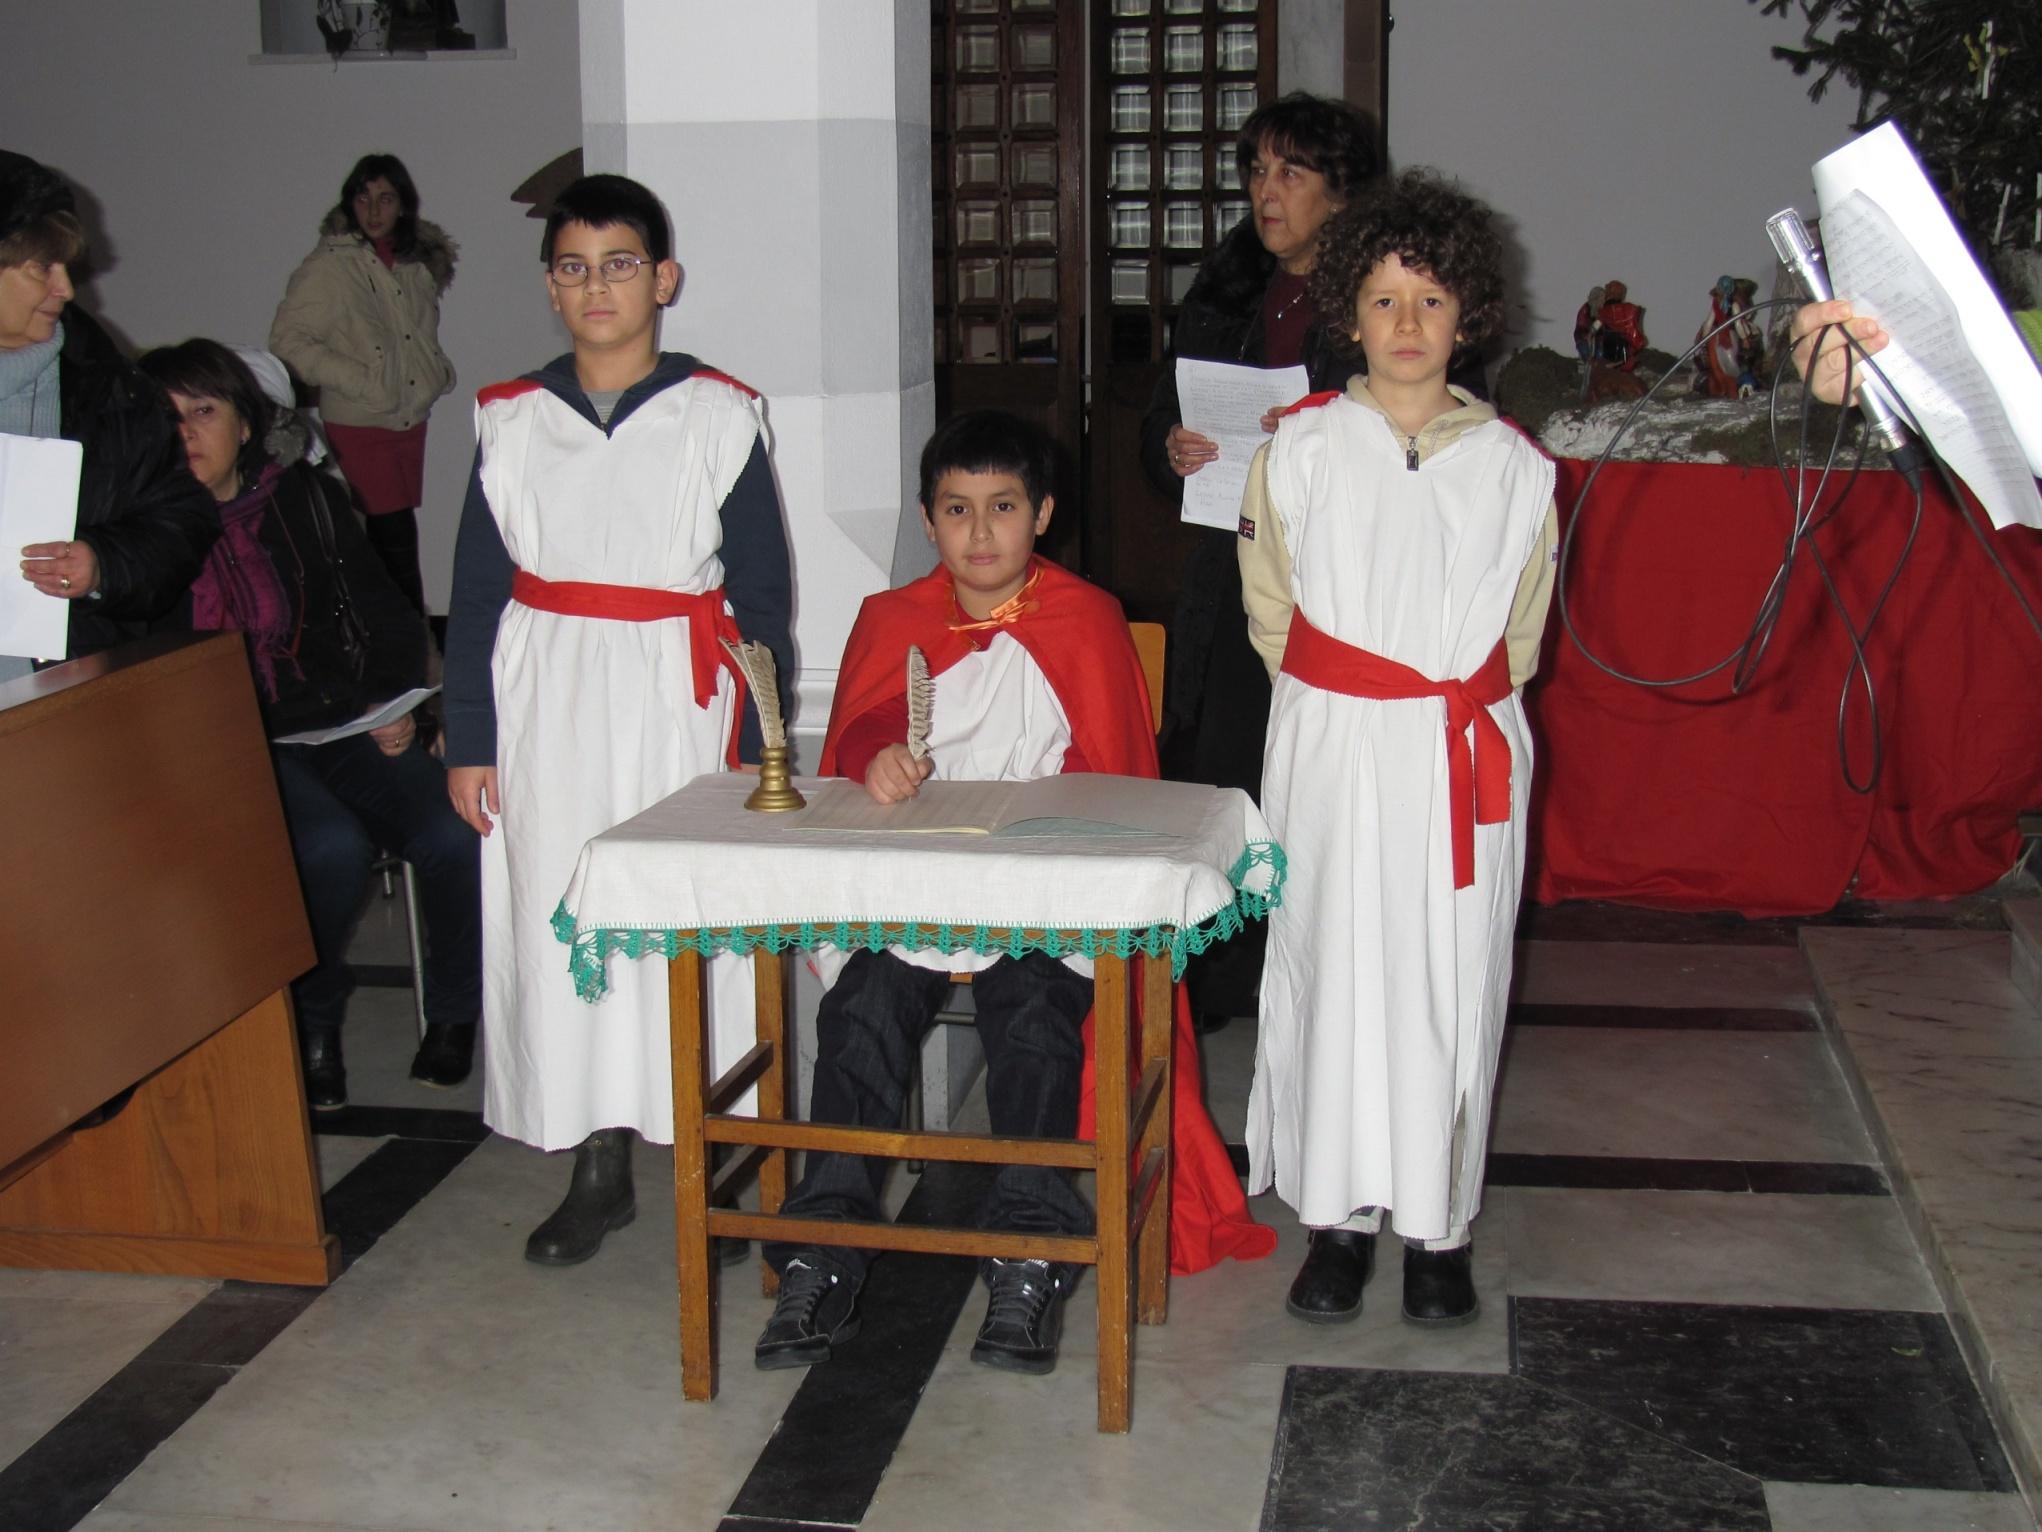 natale_recita_vigilia_2010-12-24-17-37-22